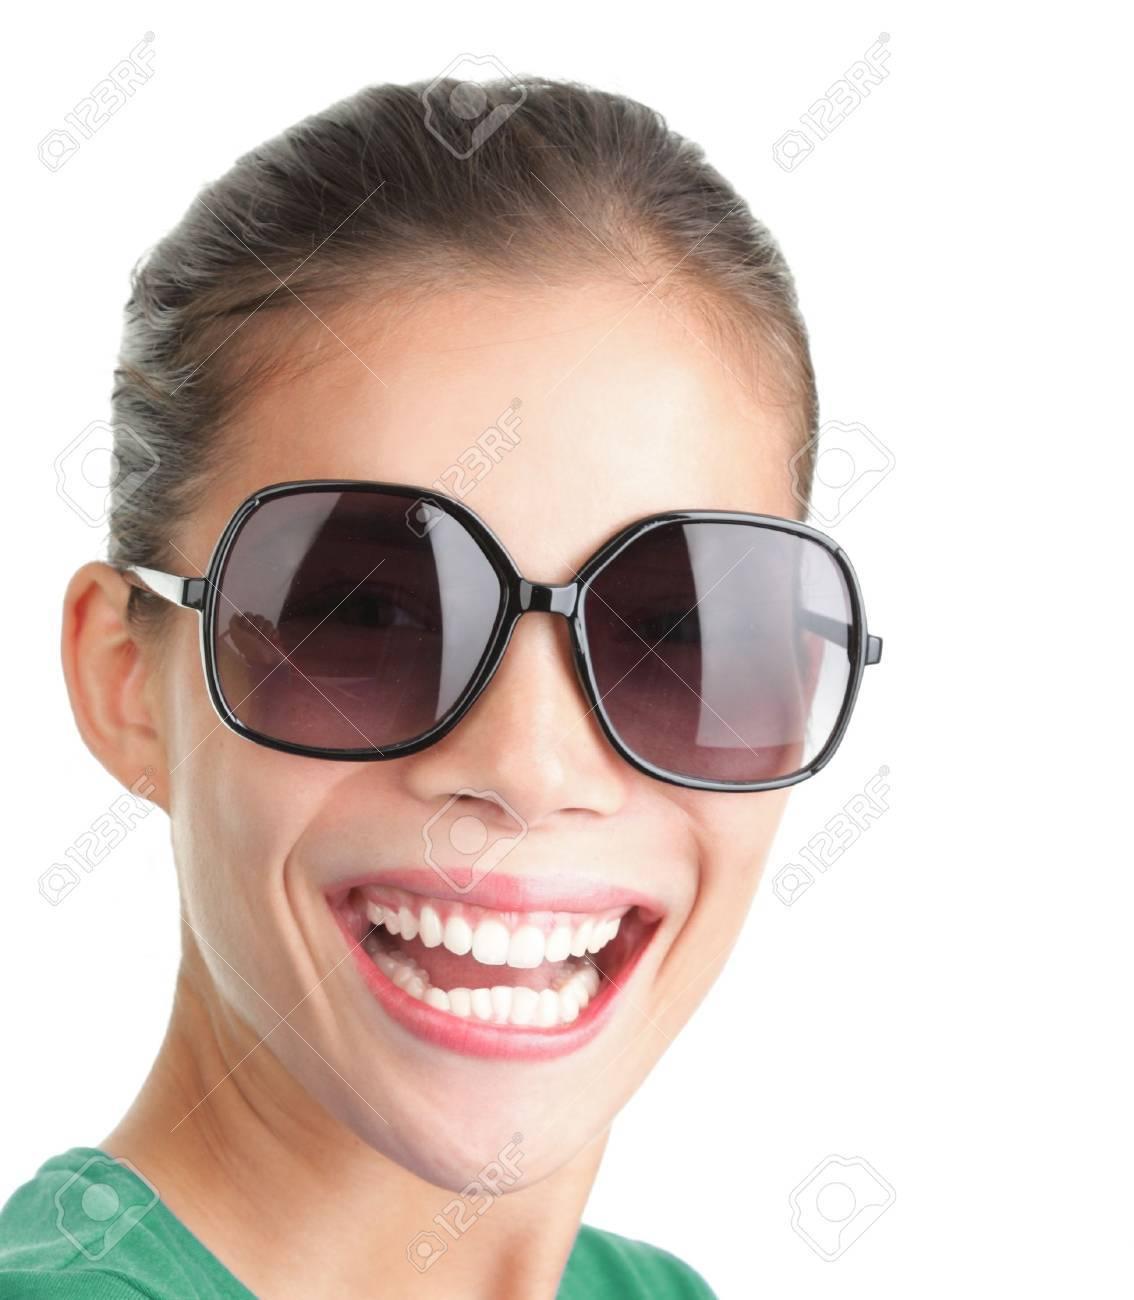 Mujer Sol RiendoModelo Sonriente Con Gafas Y De Grandes 0P8wknO